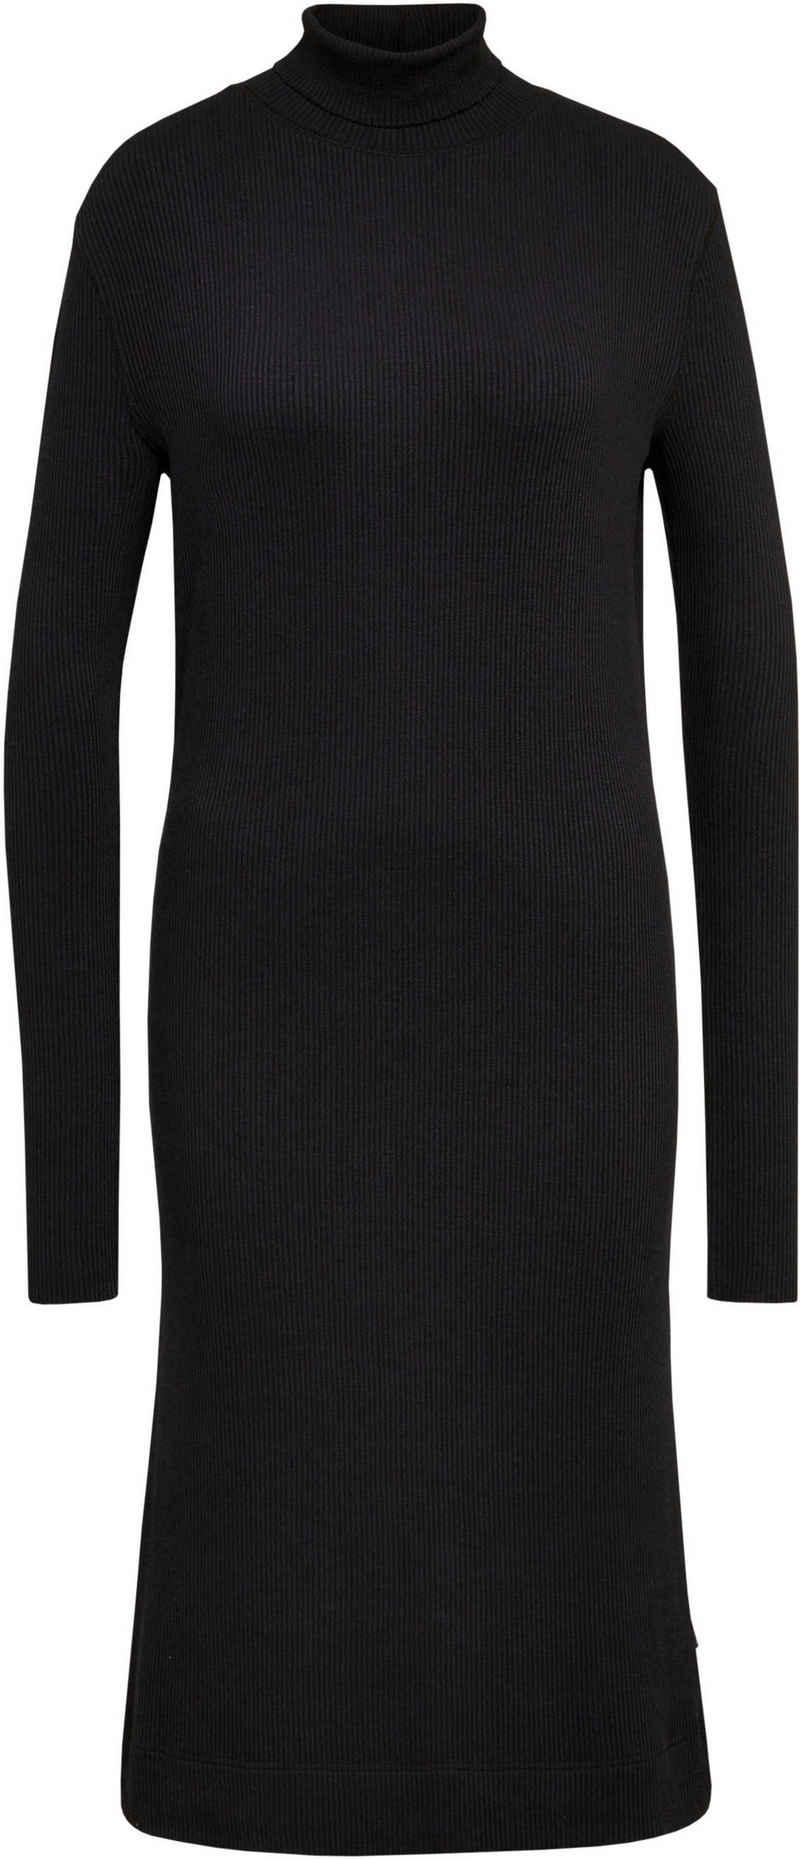 G-Star RAW Strickkleid »Rib Mock Slim Kleid« mit schmaler Passform für eine tolle Silhouette